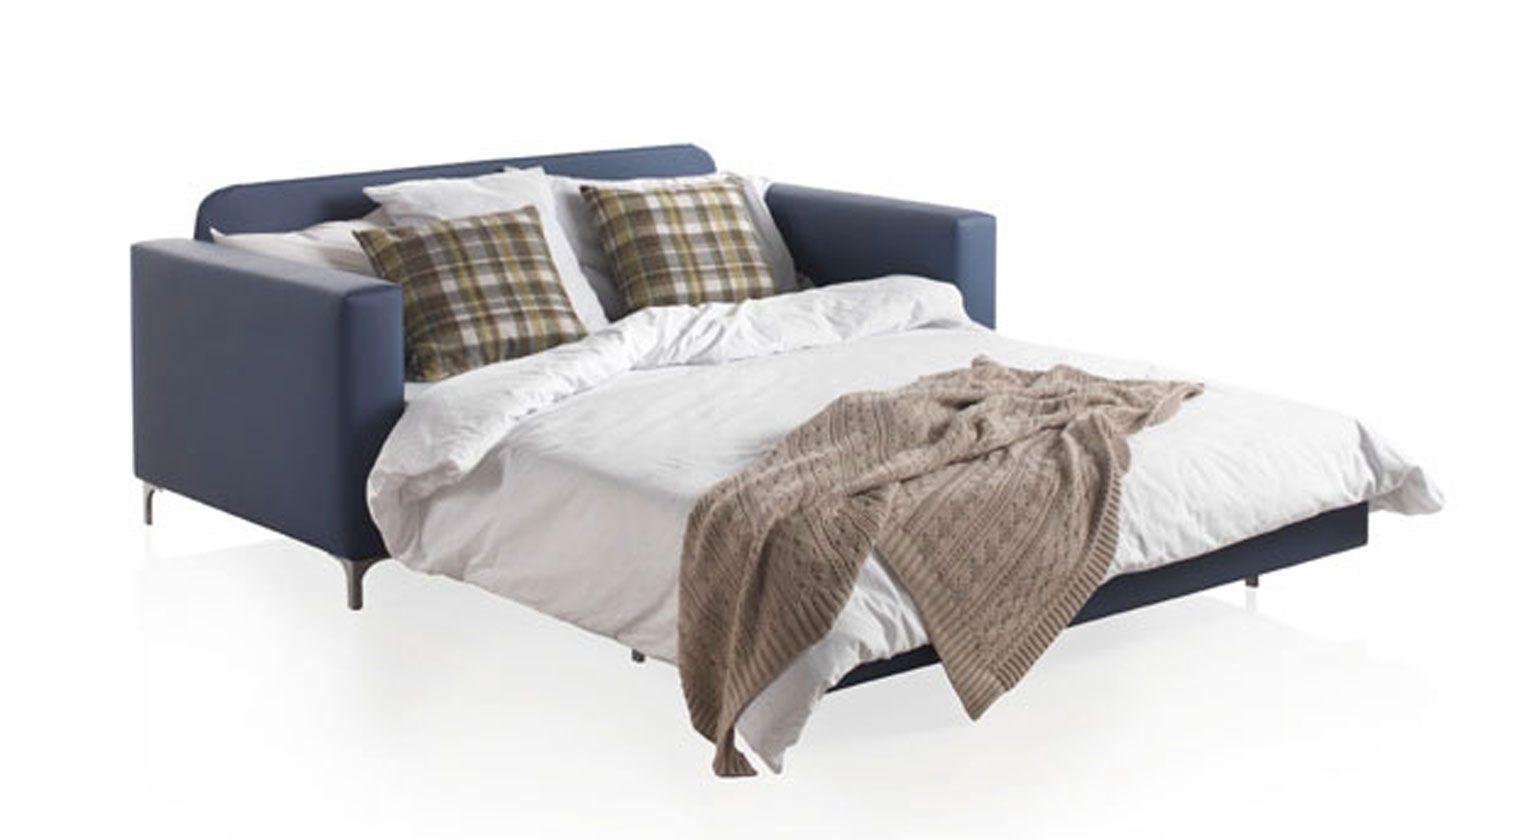 Sof cama brest sofas cama extensible nido for Sillon cama 2 plazas moderno